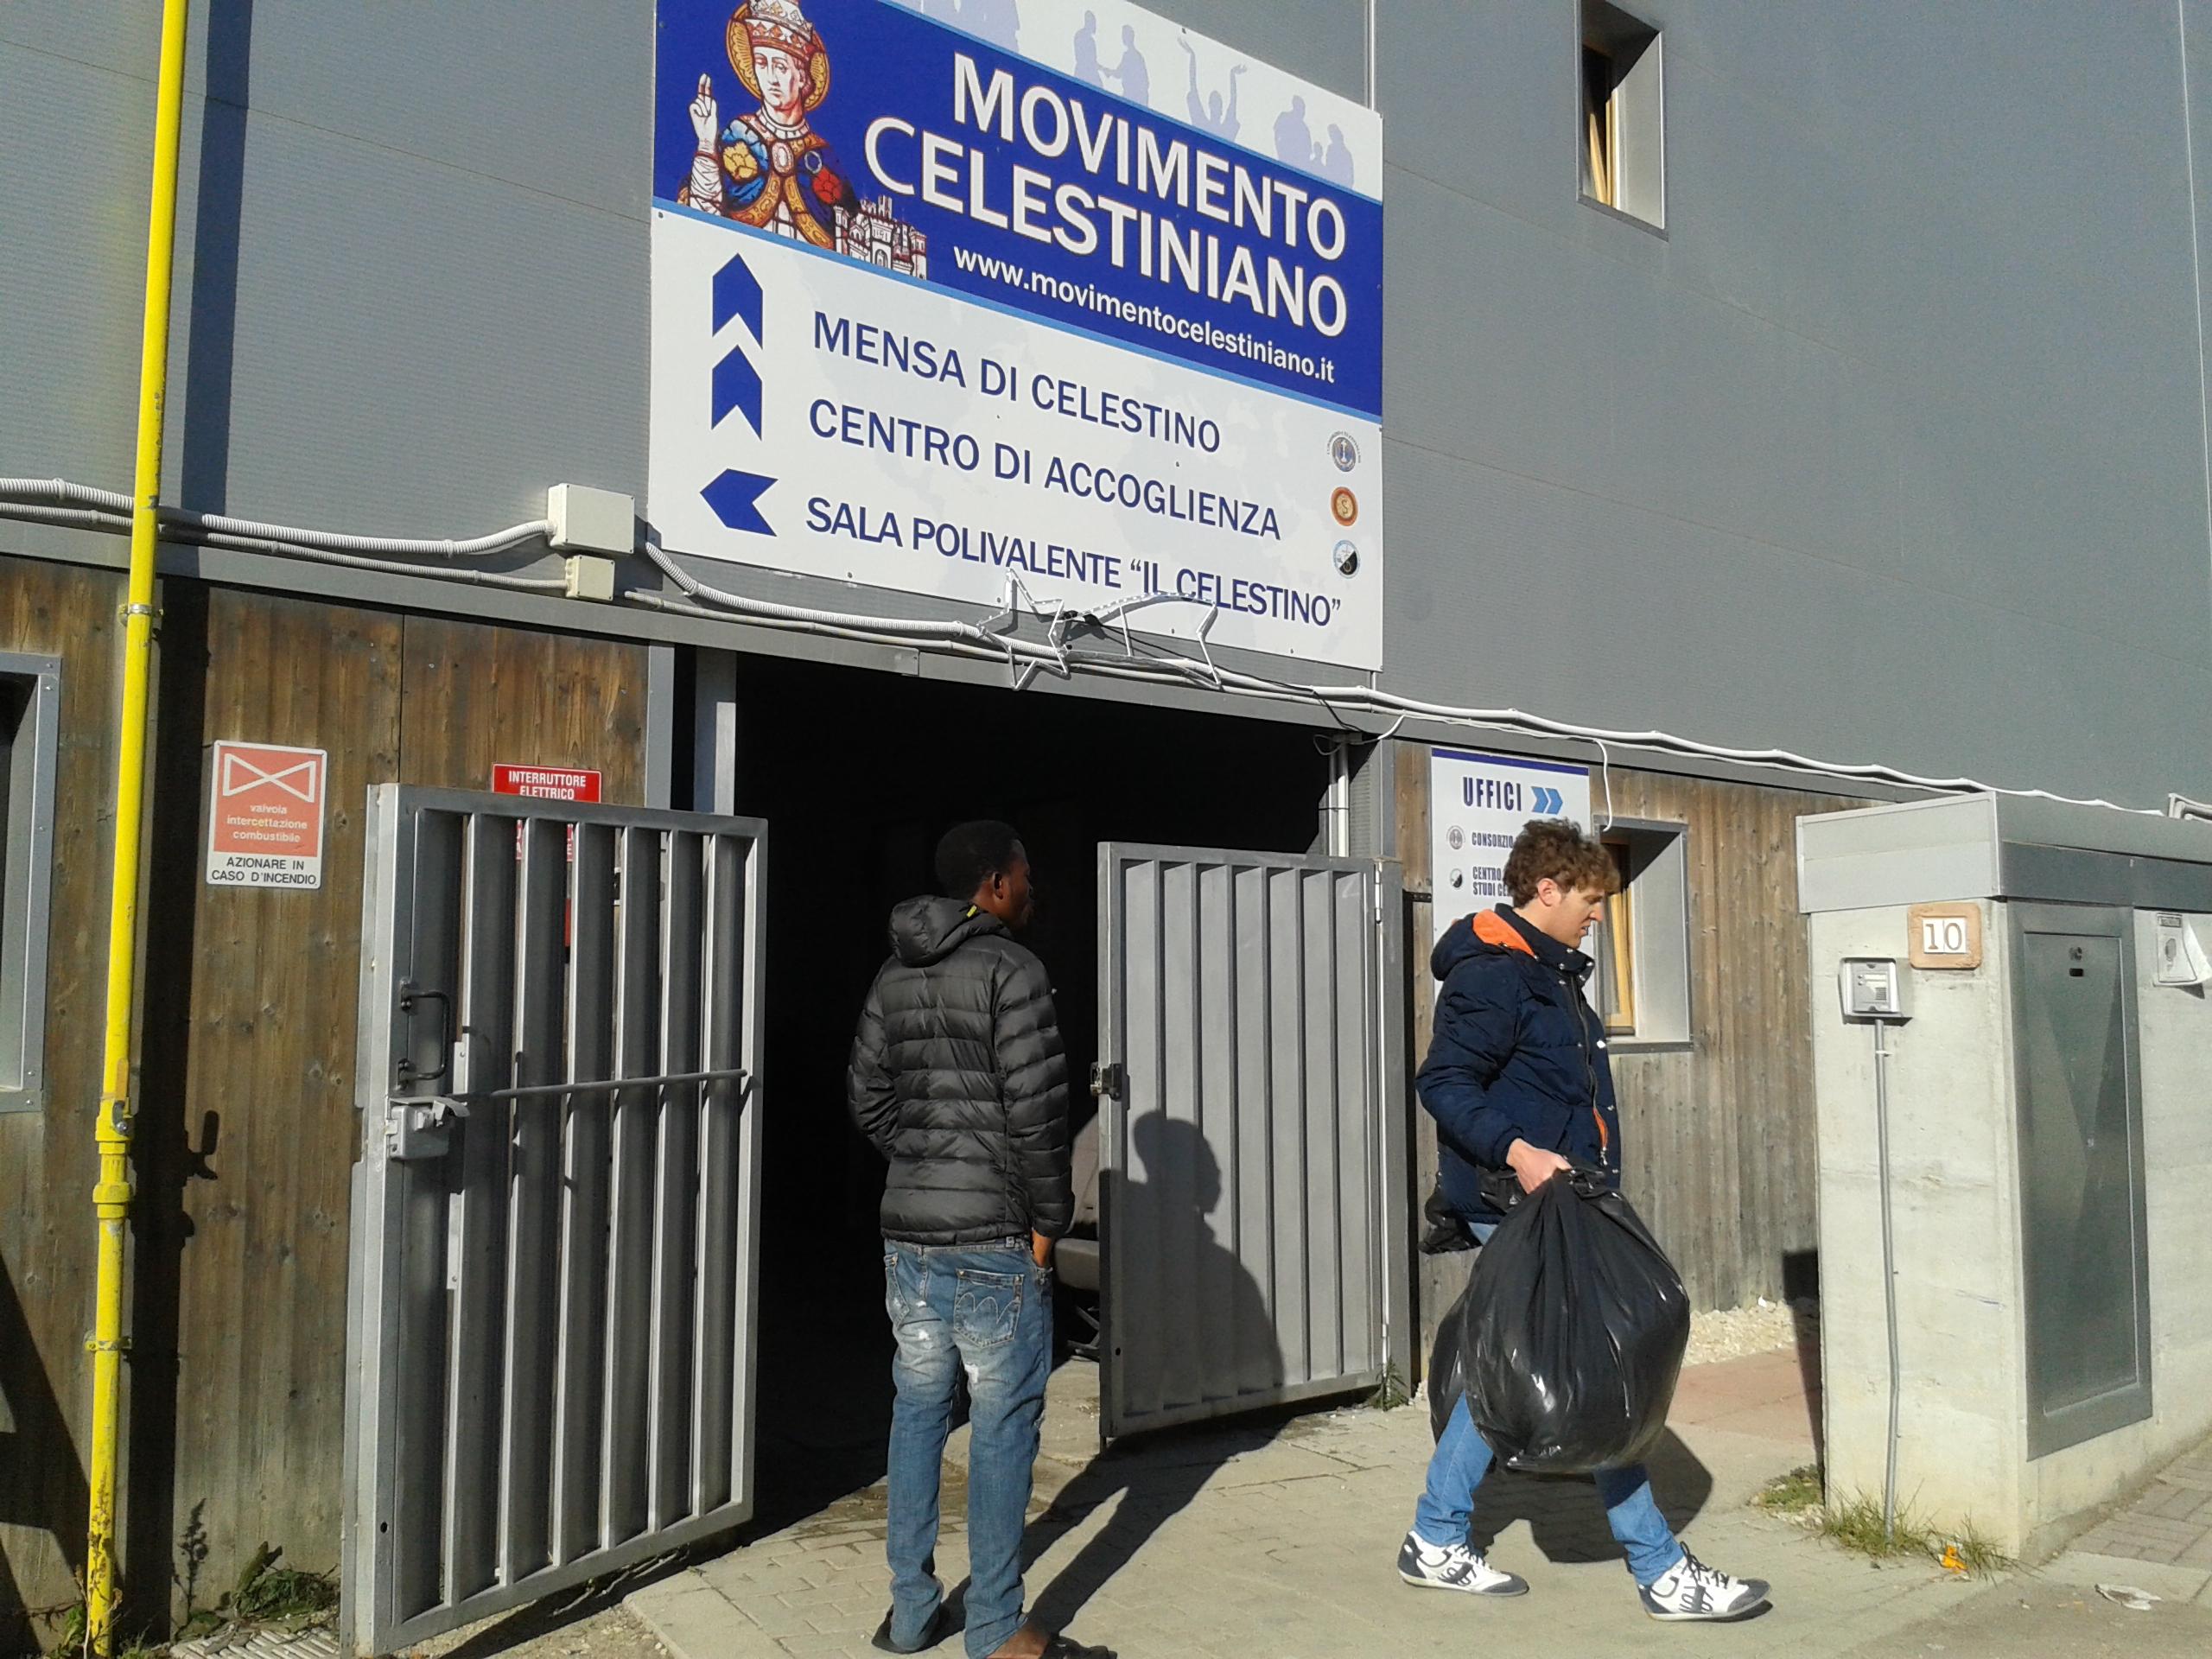 Mensa celestiniana, aumenta la povertà all'Aquila